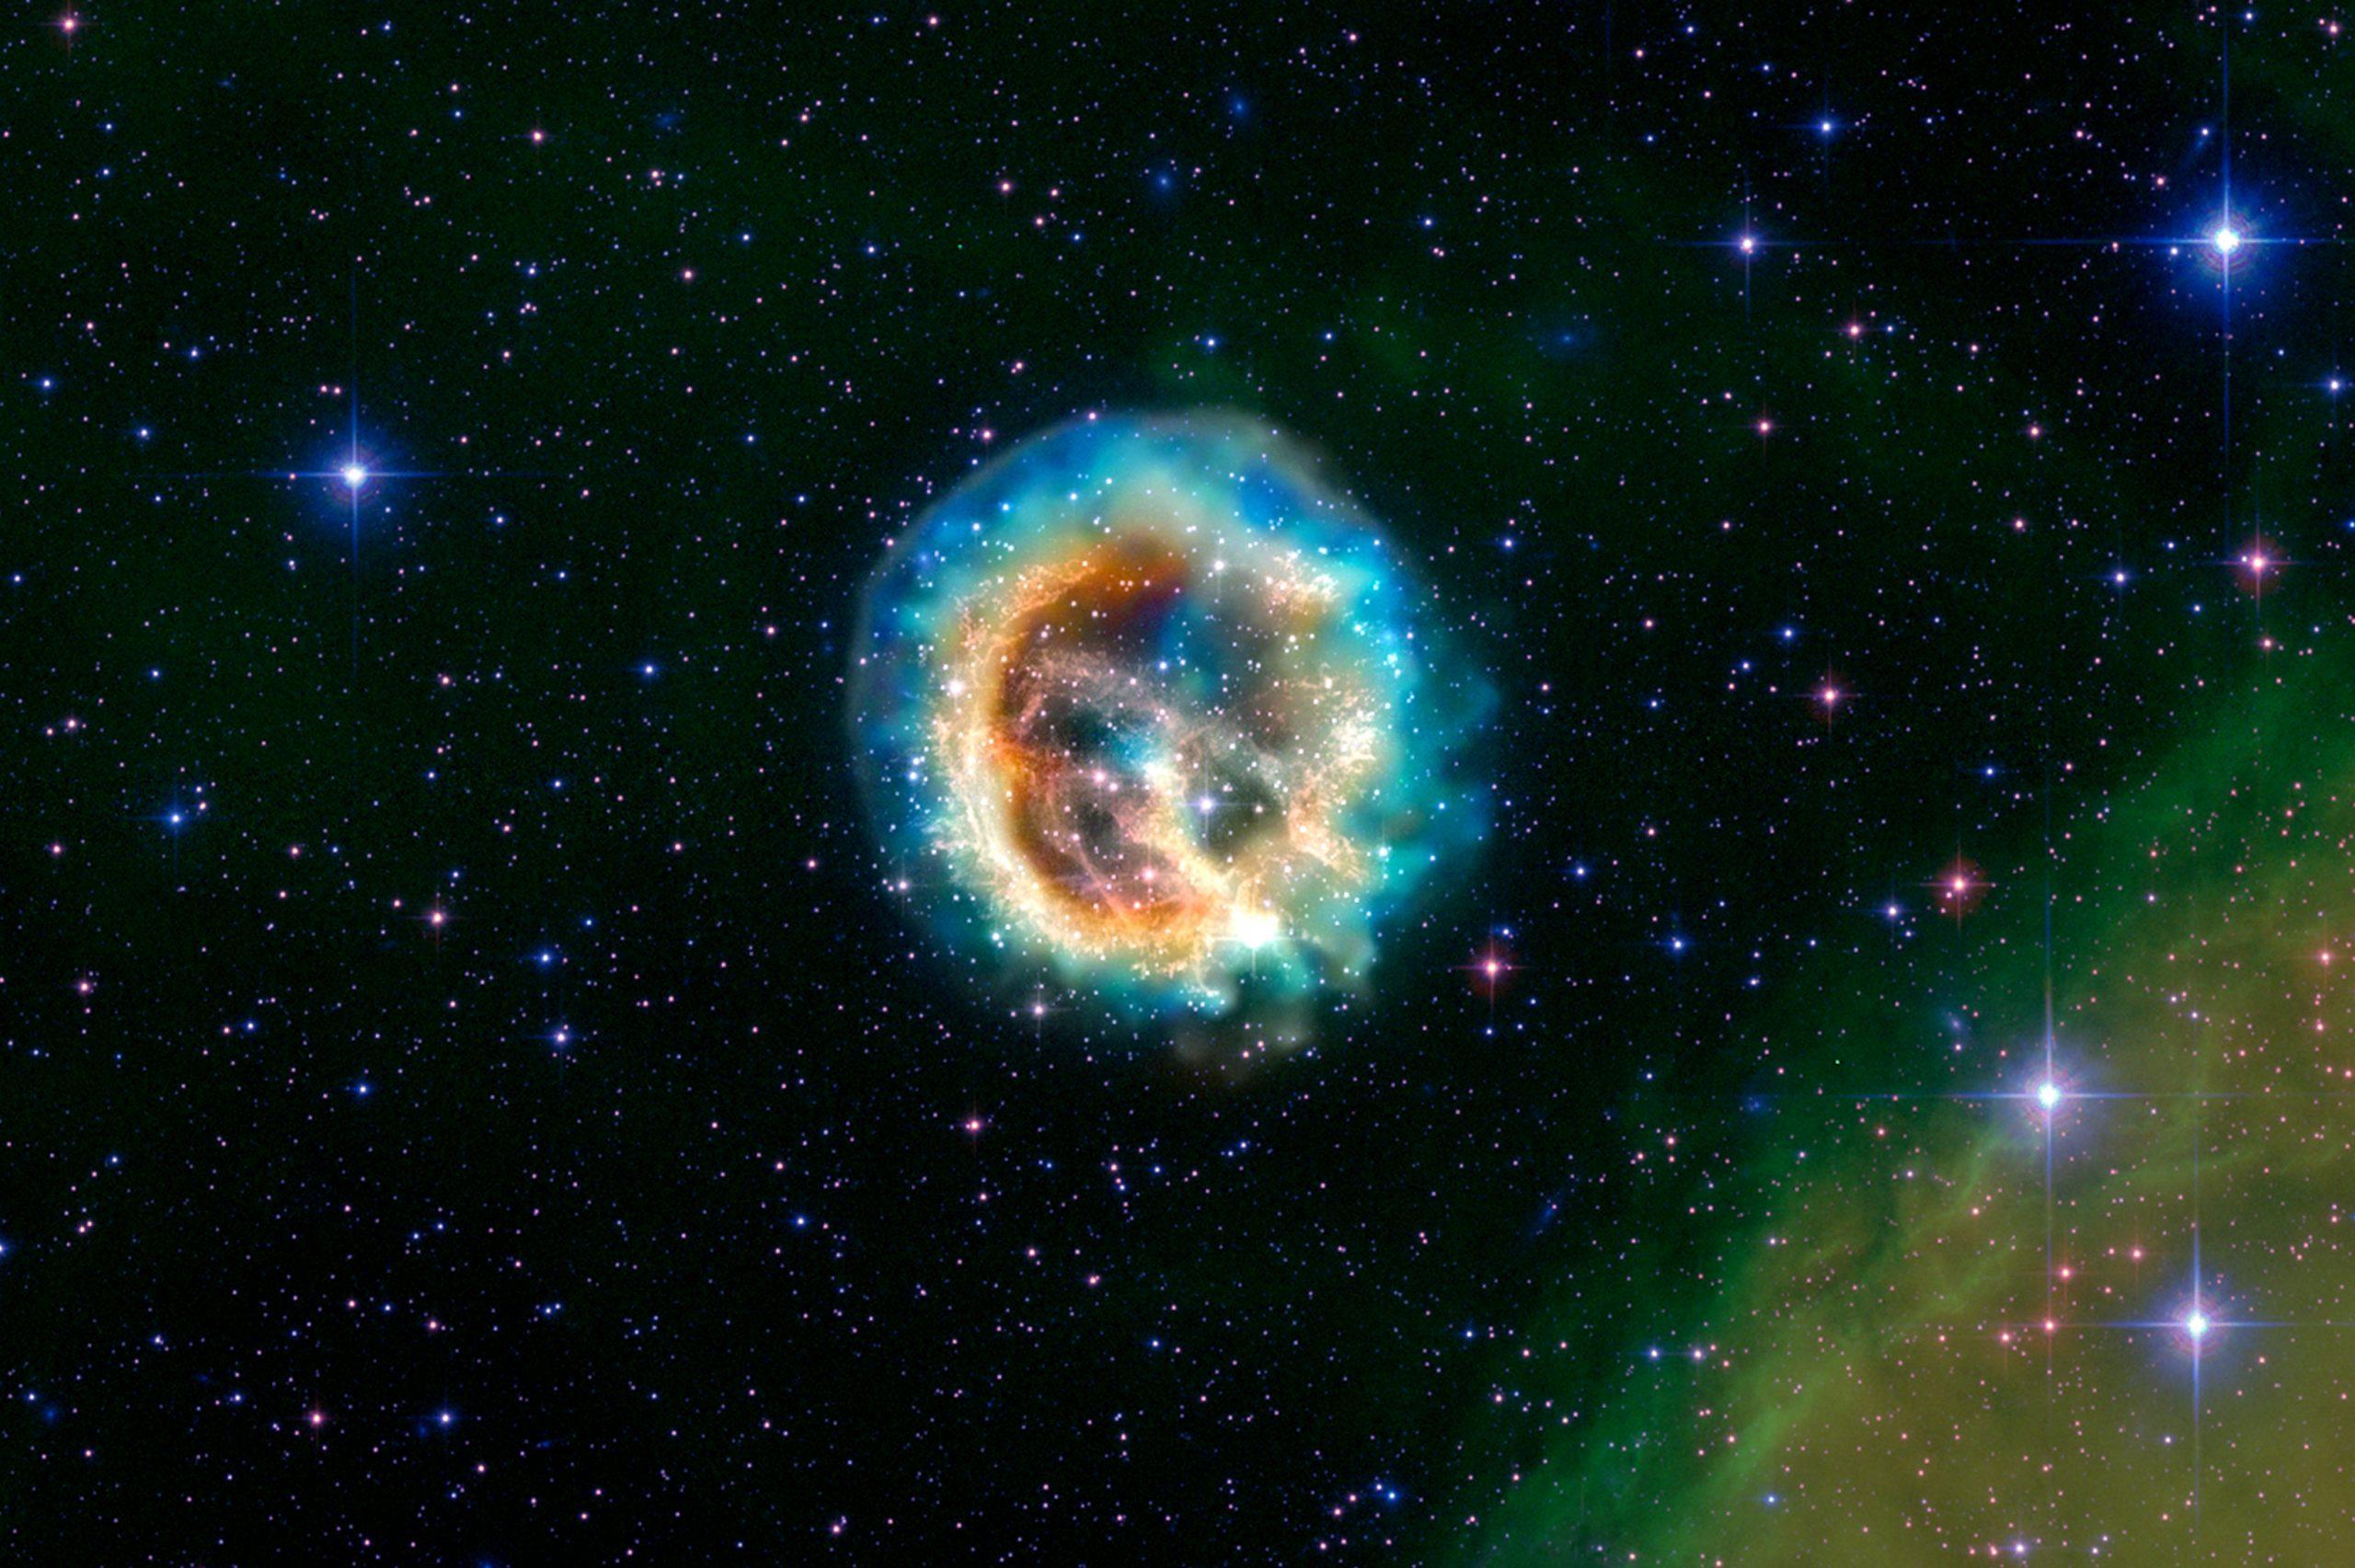 مرگ یک ستاره: آرام ترین، زیبا ترین و بدترین